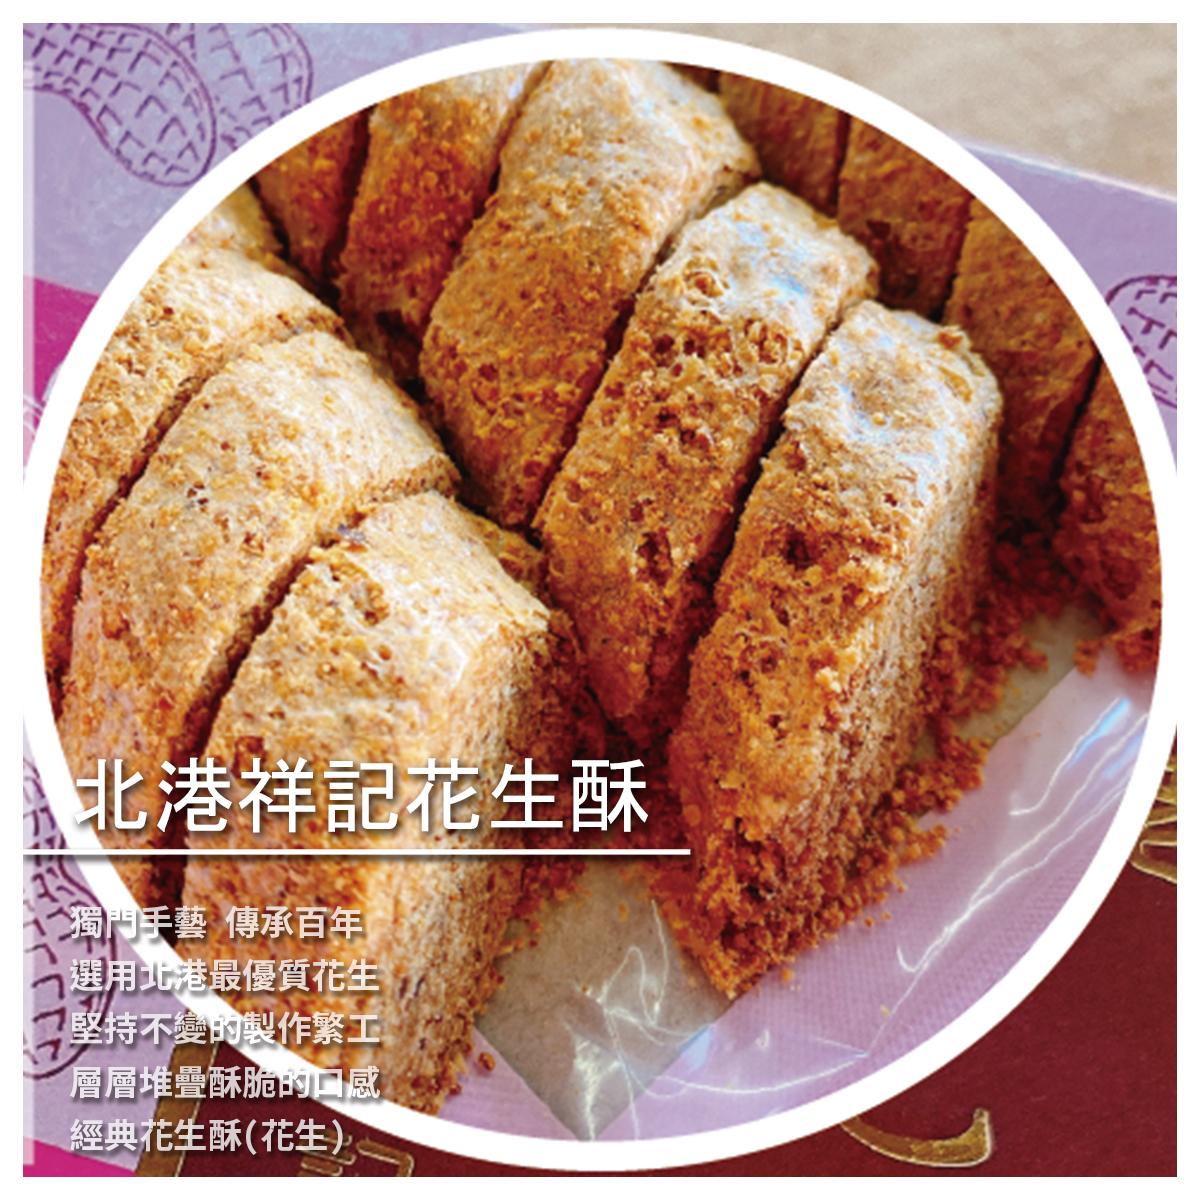 【祥記花生酥】北港祥記花生酥/花生原味-大盒30個